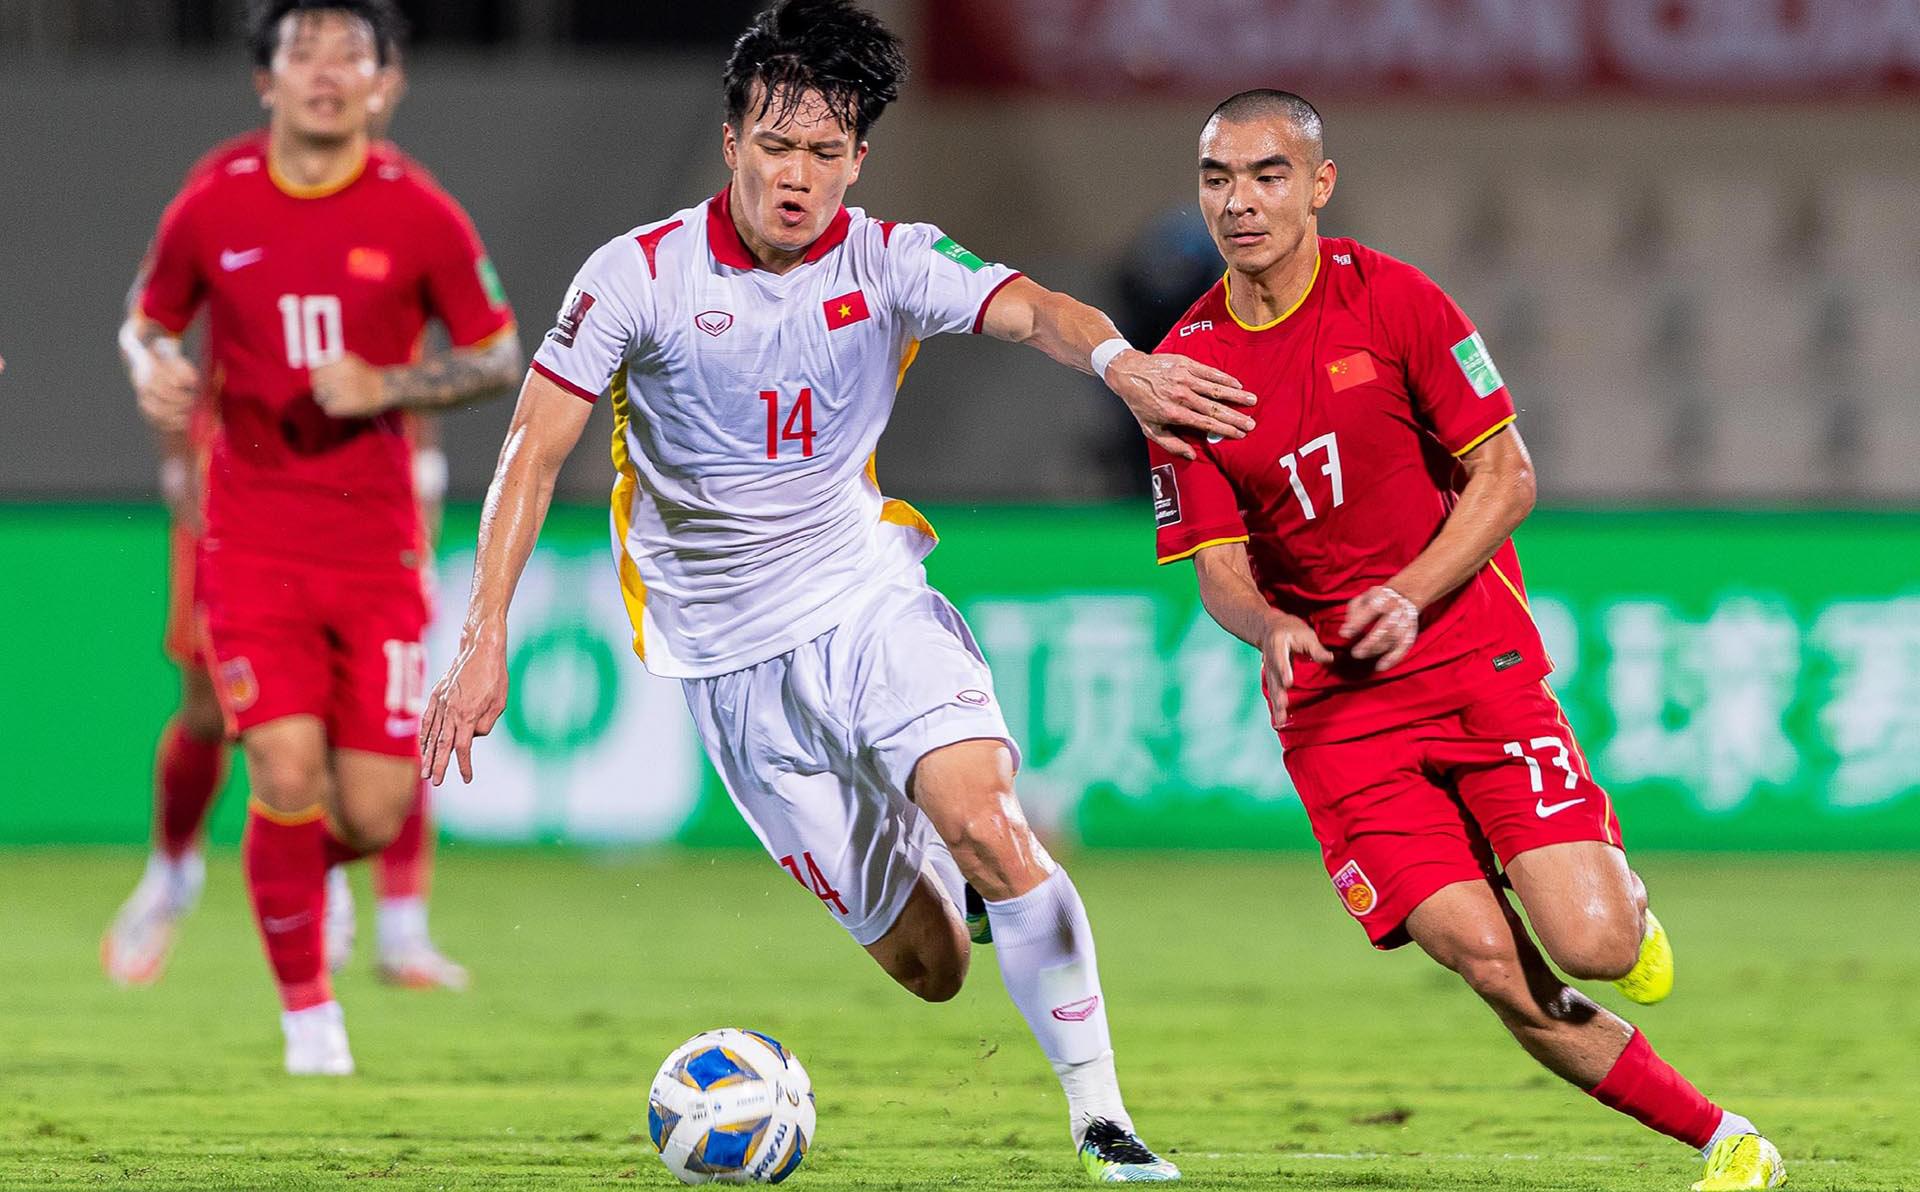 """Chuyên gia Trung Quốc: """"Thầy trò HLV Li Tie đã thắng Việt Nam, nhưng họ đừng mơ được dự World Cup"""